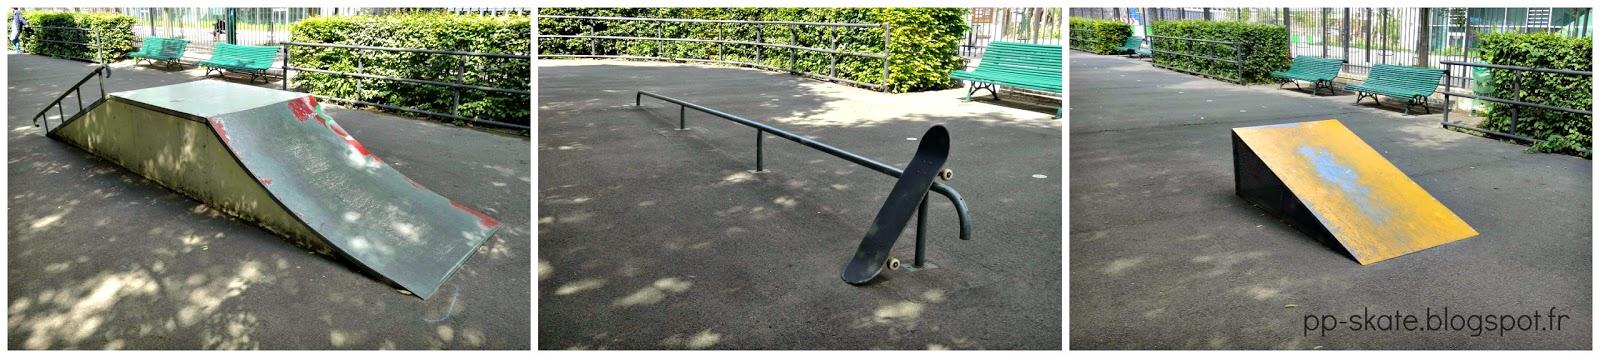 Skatepark Paris porte de la chapelle macdonald